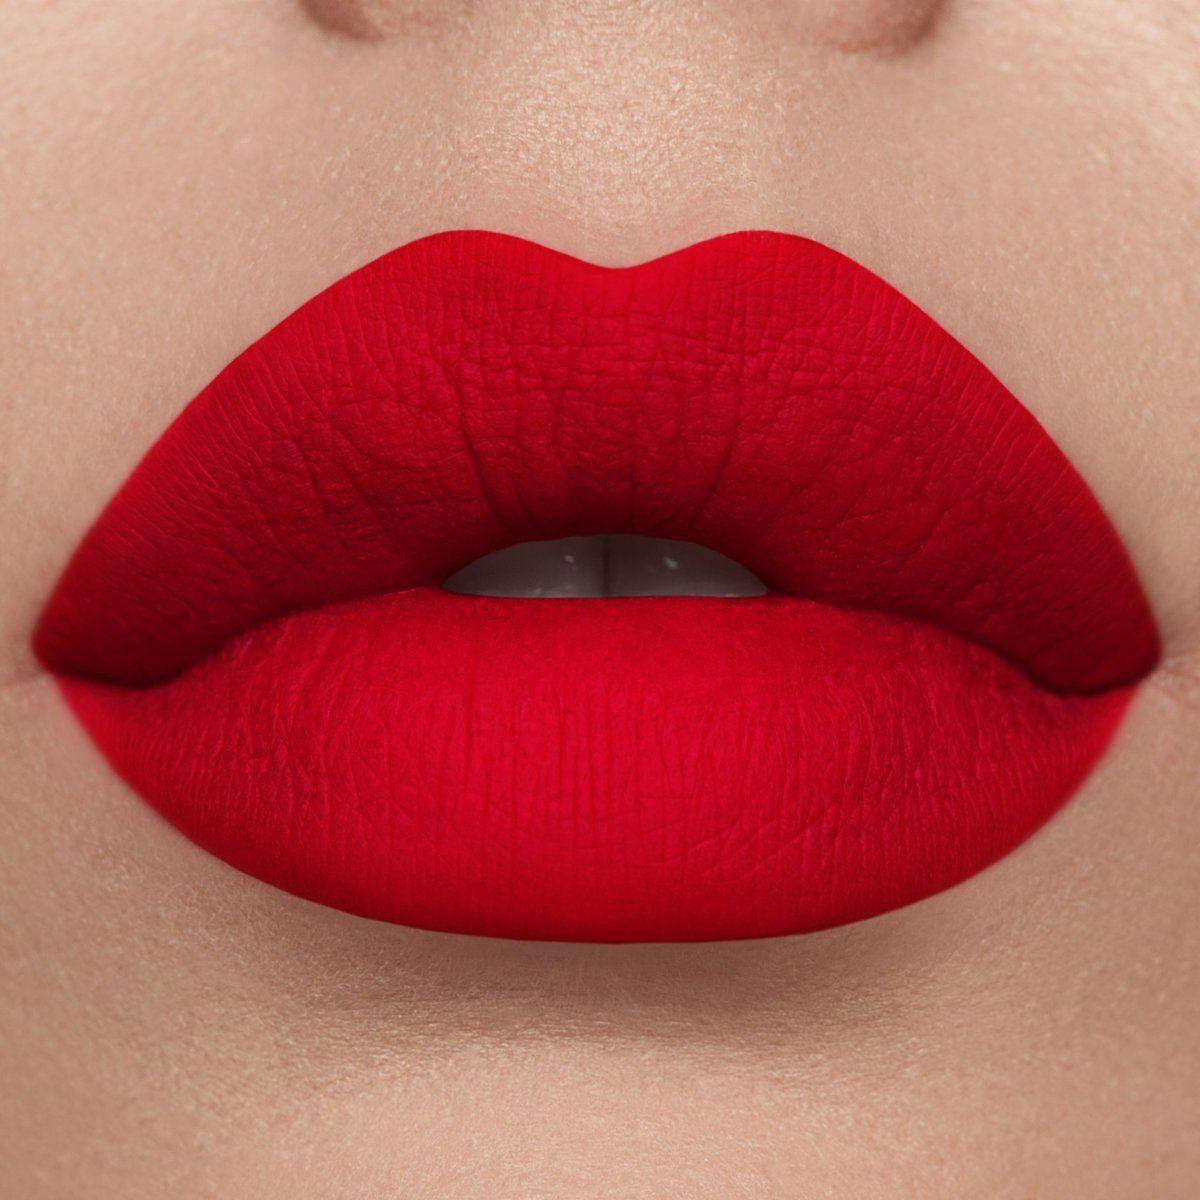 Photo of Lime Crime : Red Velvet Matte Lipstick in True Red